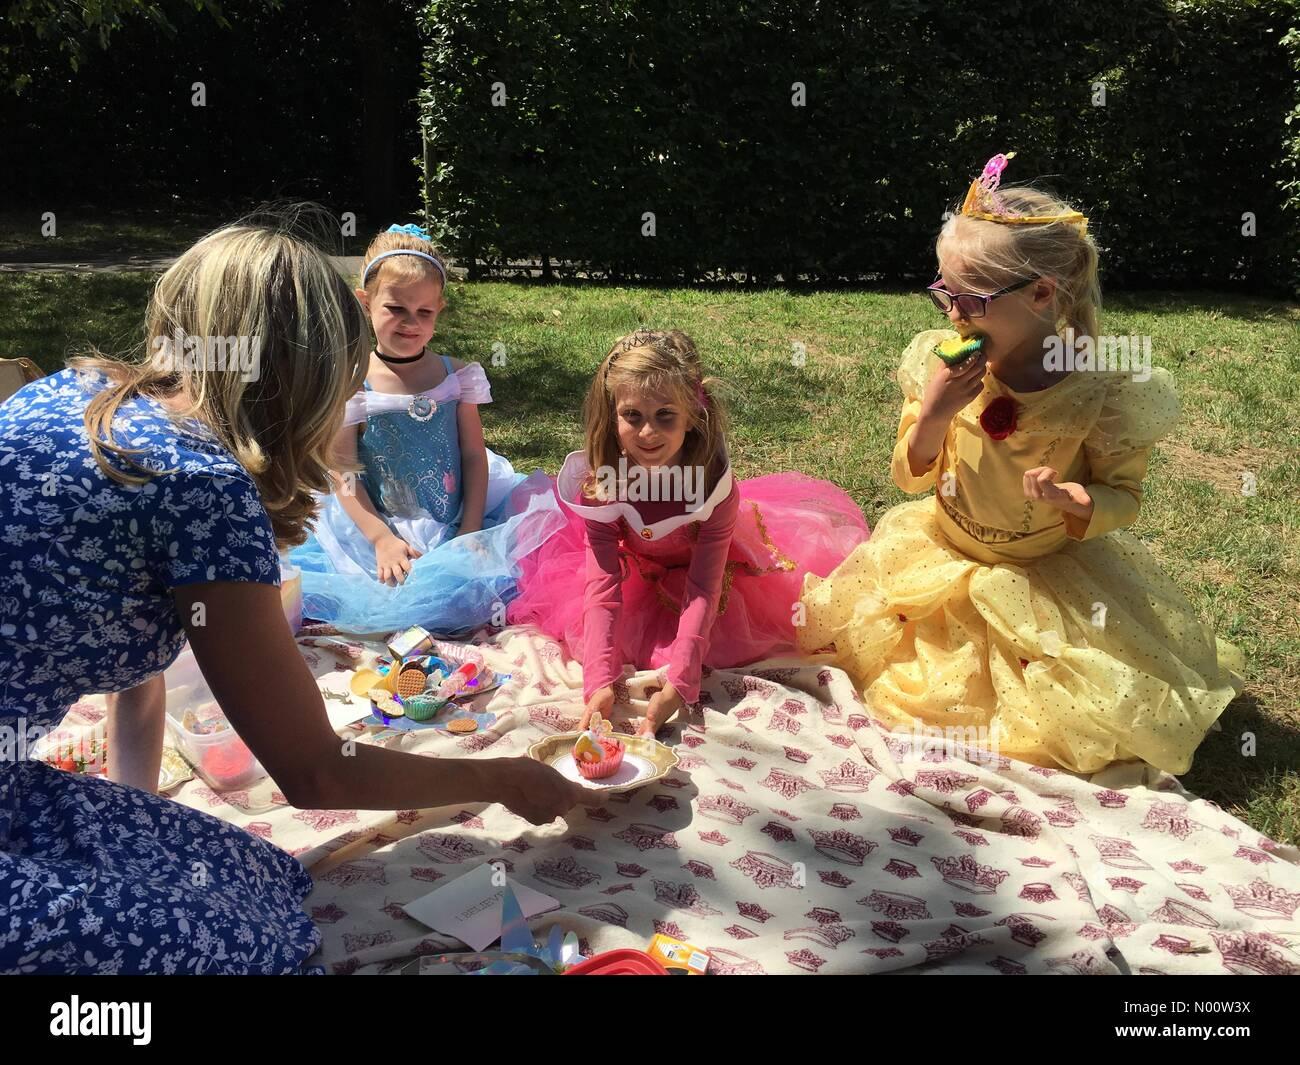 Hampton Court, Grand Londres, Angleterre Royaume-uni 28 juillet 2018 Cecily (en rose) de Londres Tours six ans aujourd'hui dans les jardins d'Hampton Court Palace. (Written permission parentale accordée) Banque D'Images